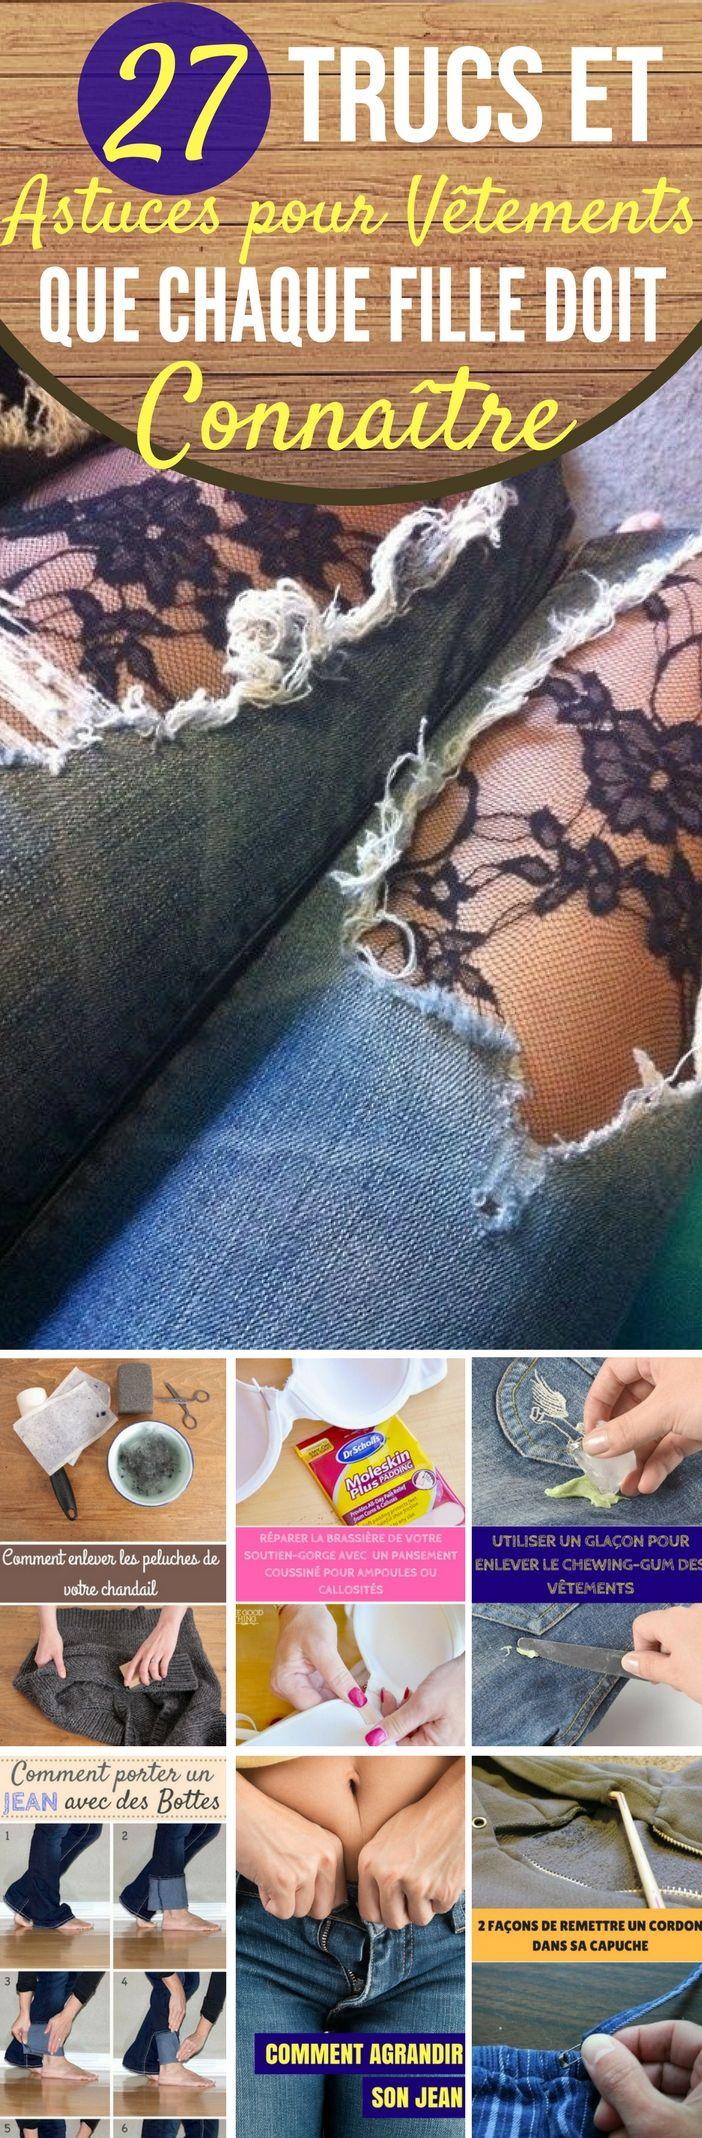 Bref, cet article c'est un mélange d'astuces en tout genre sur les vêtements: que ce soit des astuces de mode, de style, pour vos jeans moulants...